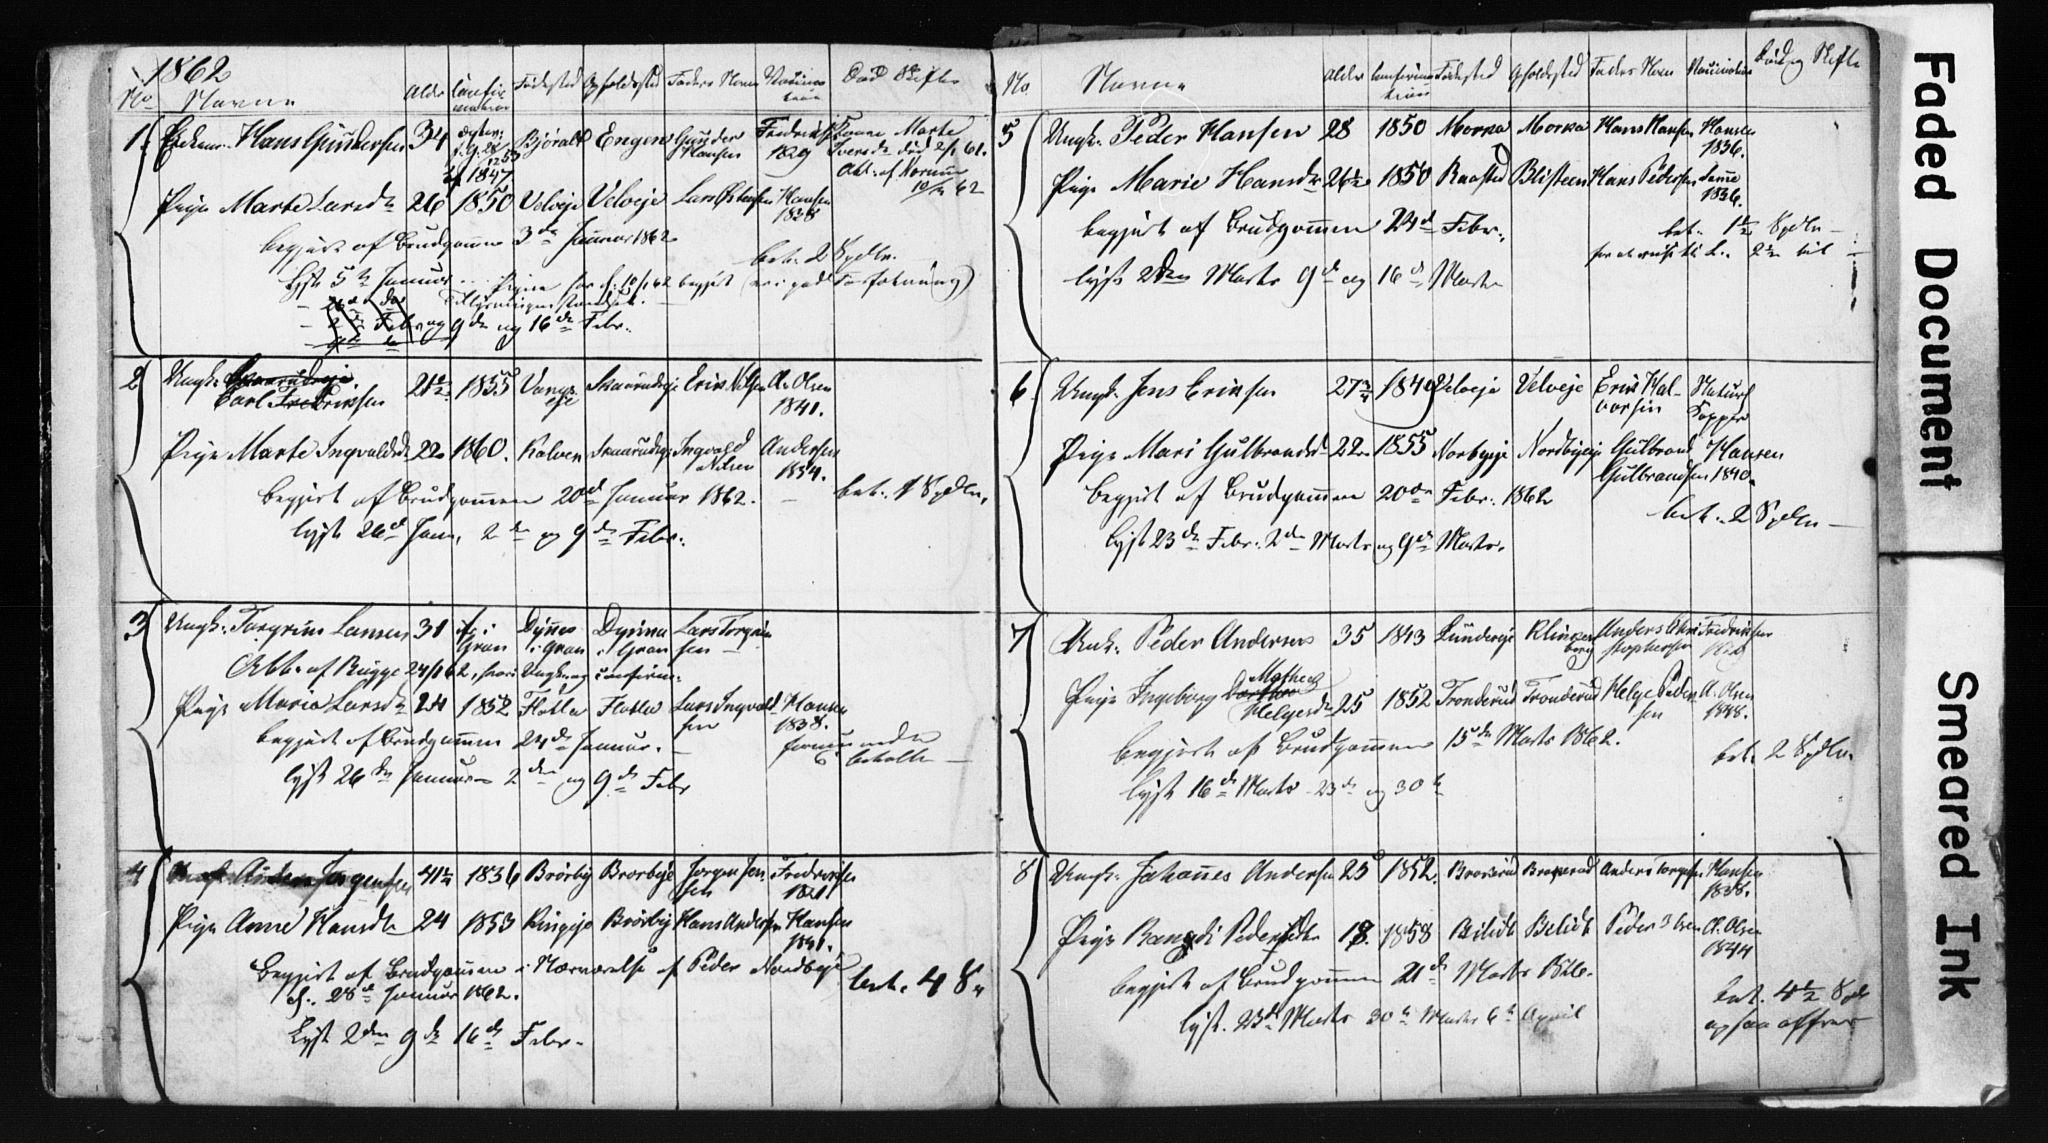 SAH, Jevnaker prestekontor, Lysningsprotokoll nr. 1, 1861-1867